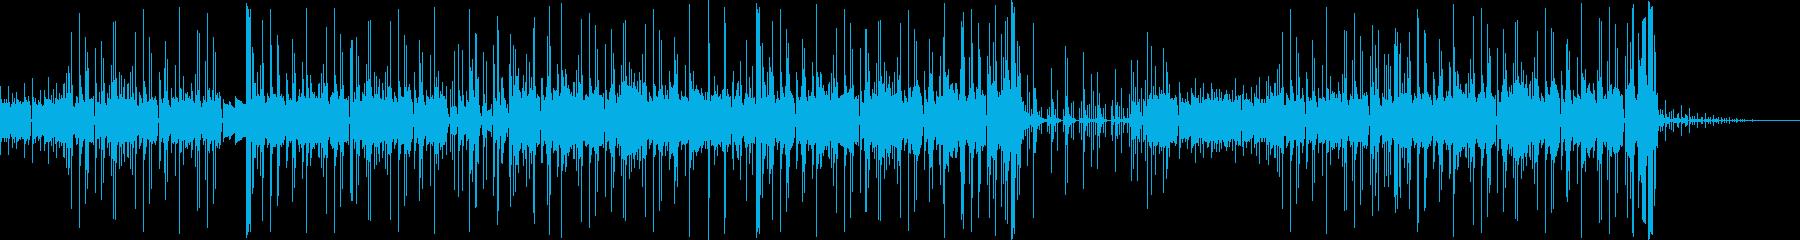 カリンバを用いたポップなエレクトロニカの再生済みの波形